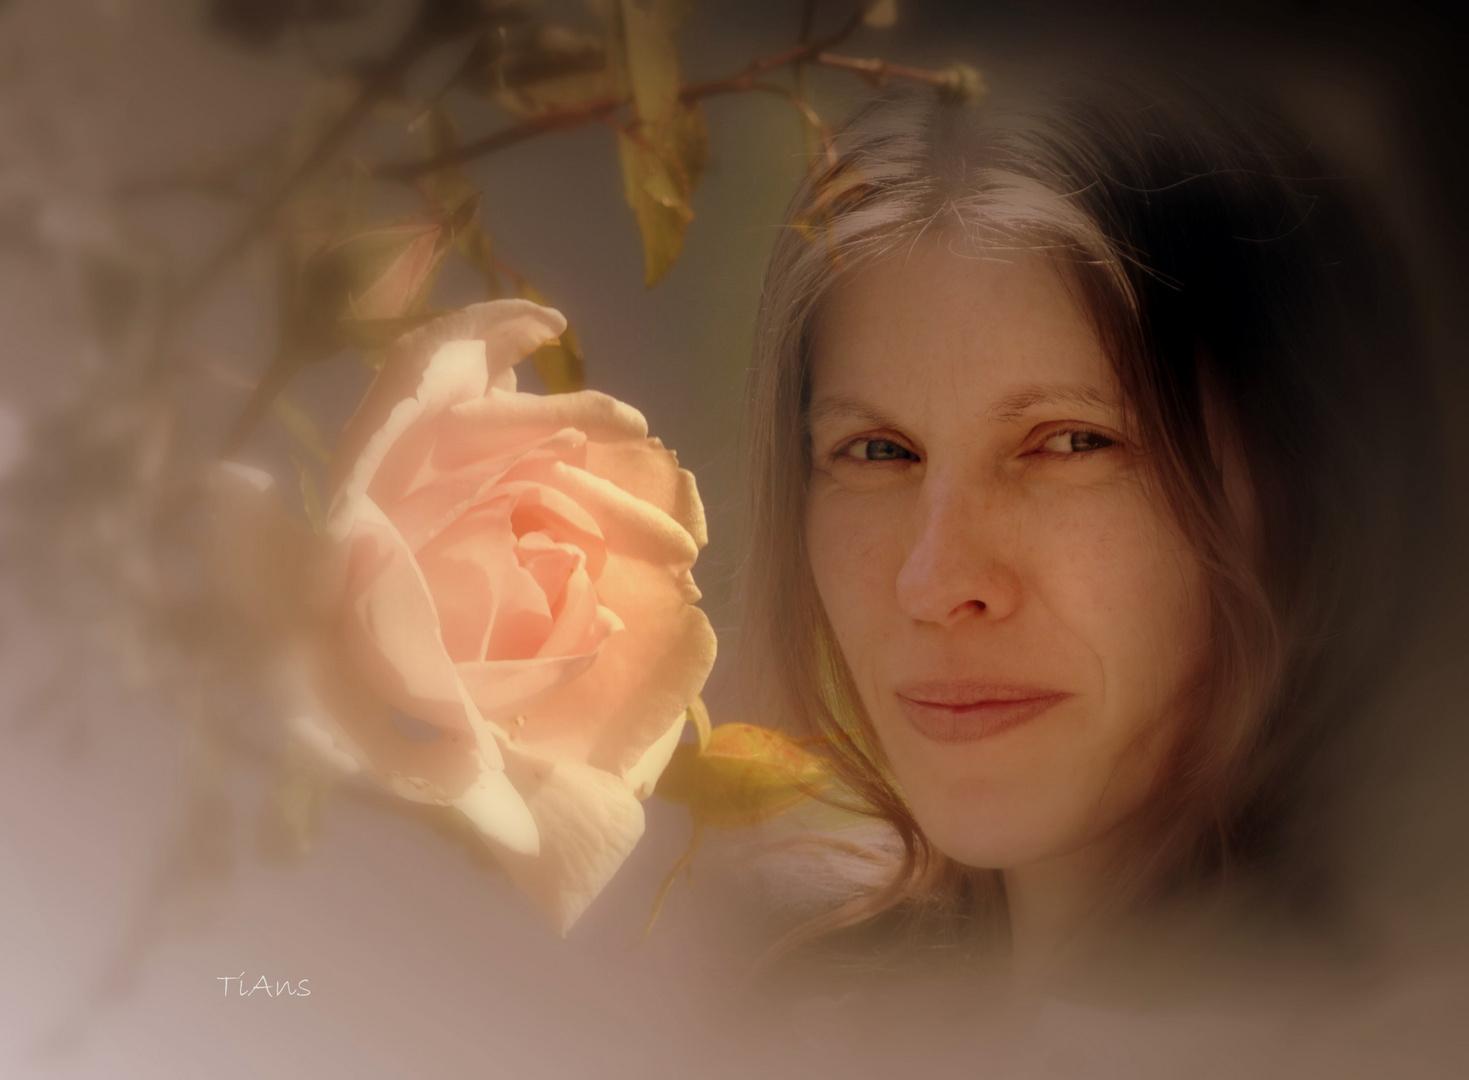 ma rose 2